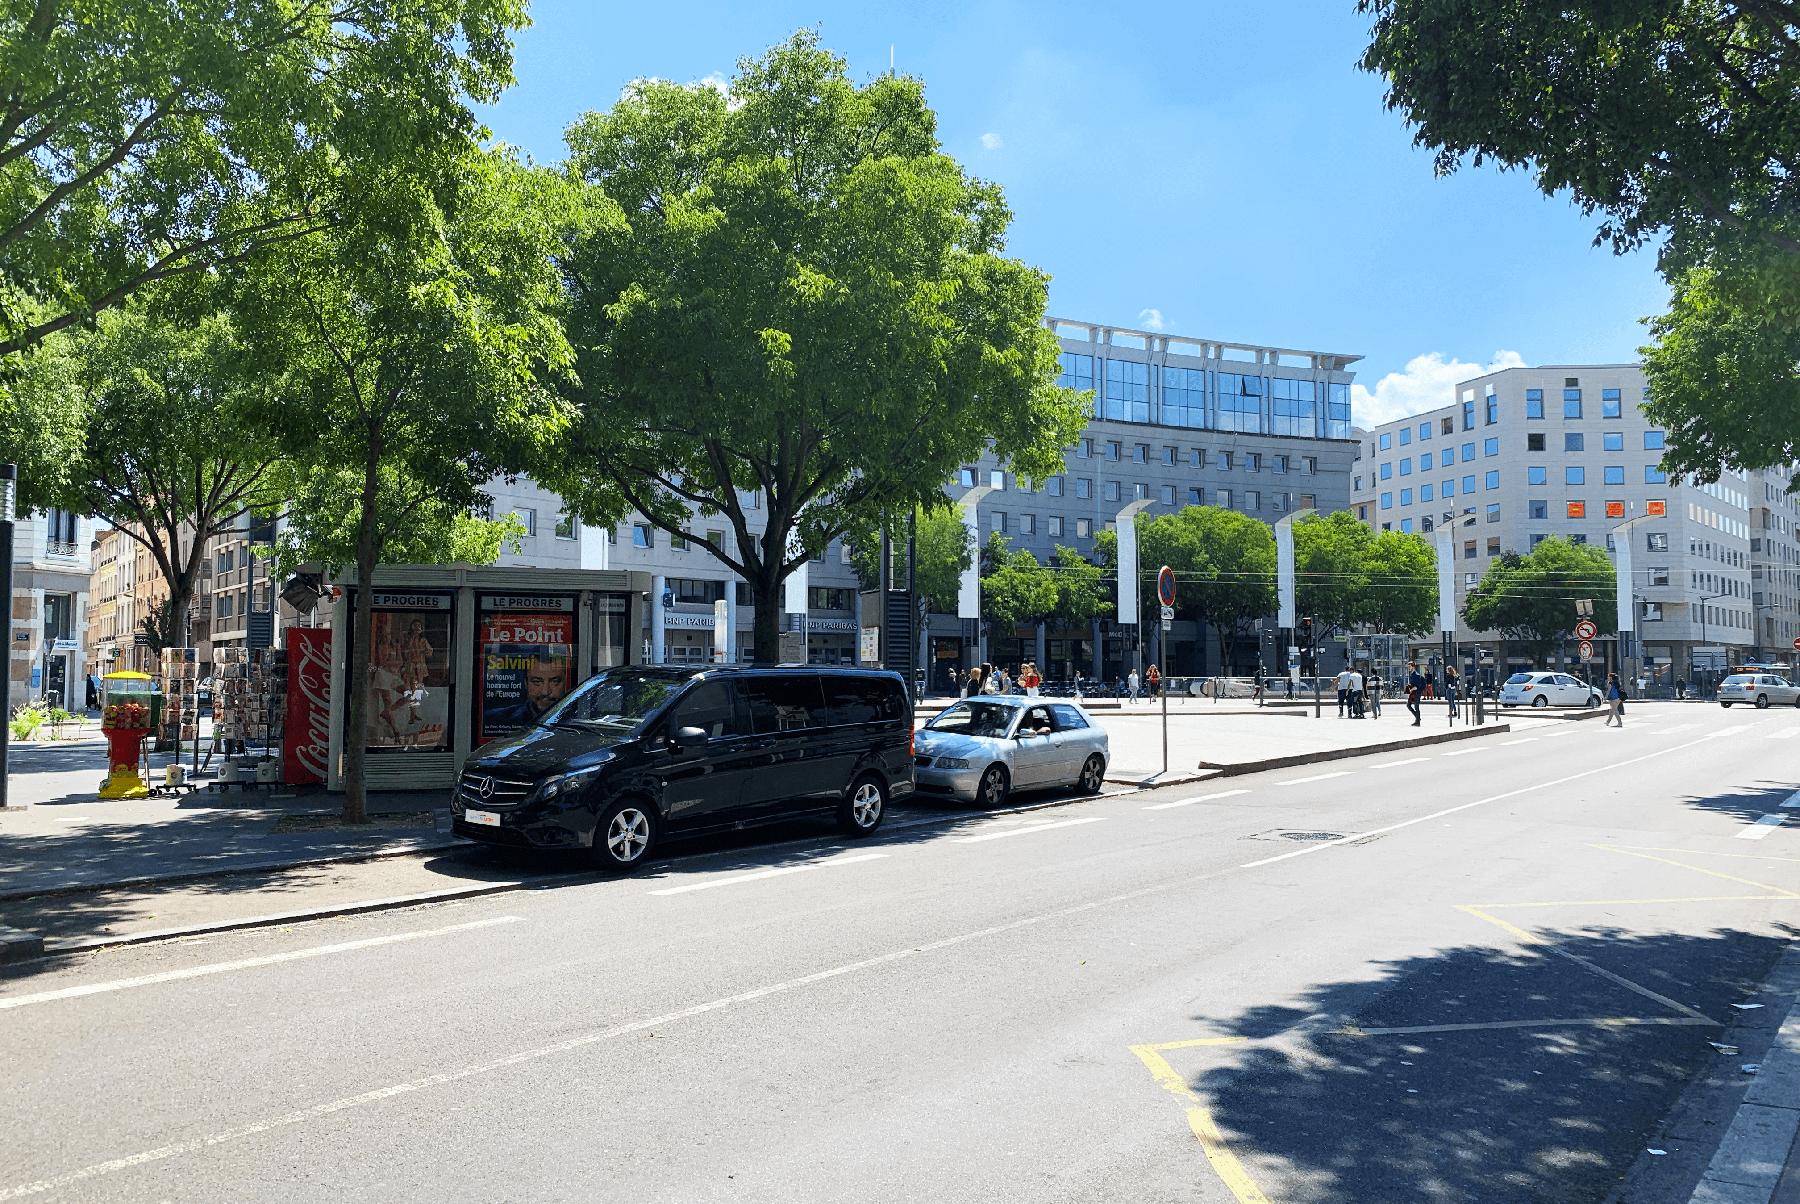 Arrêt Charpennes Minivan